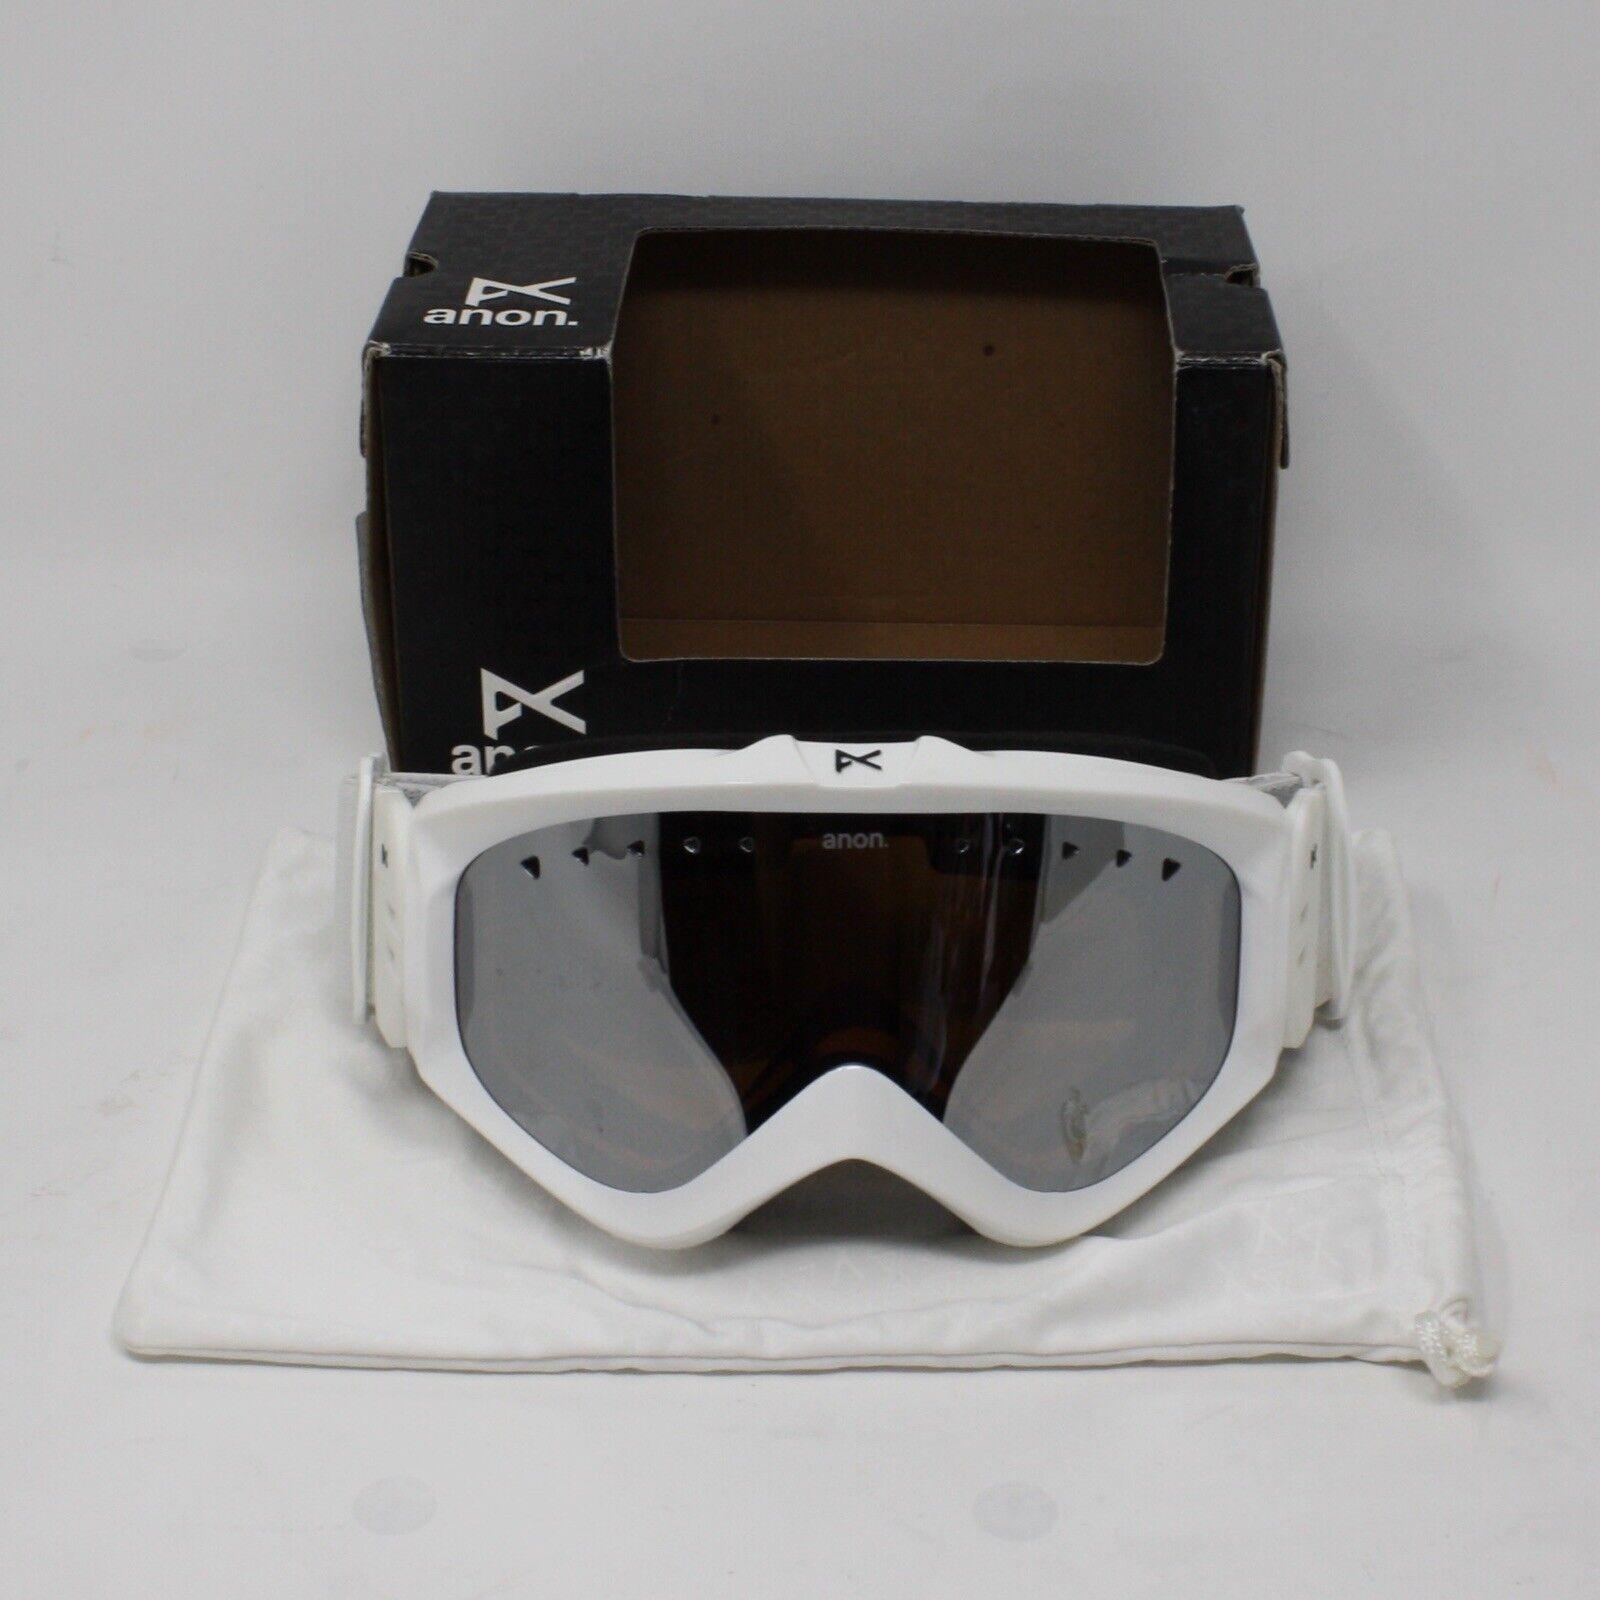 Anon Snow  Goggles - Ski Snowboard Goggles - Skiing Goggle - Snowboarding Goggle  classic style